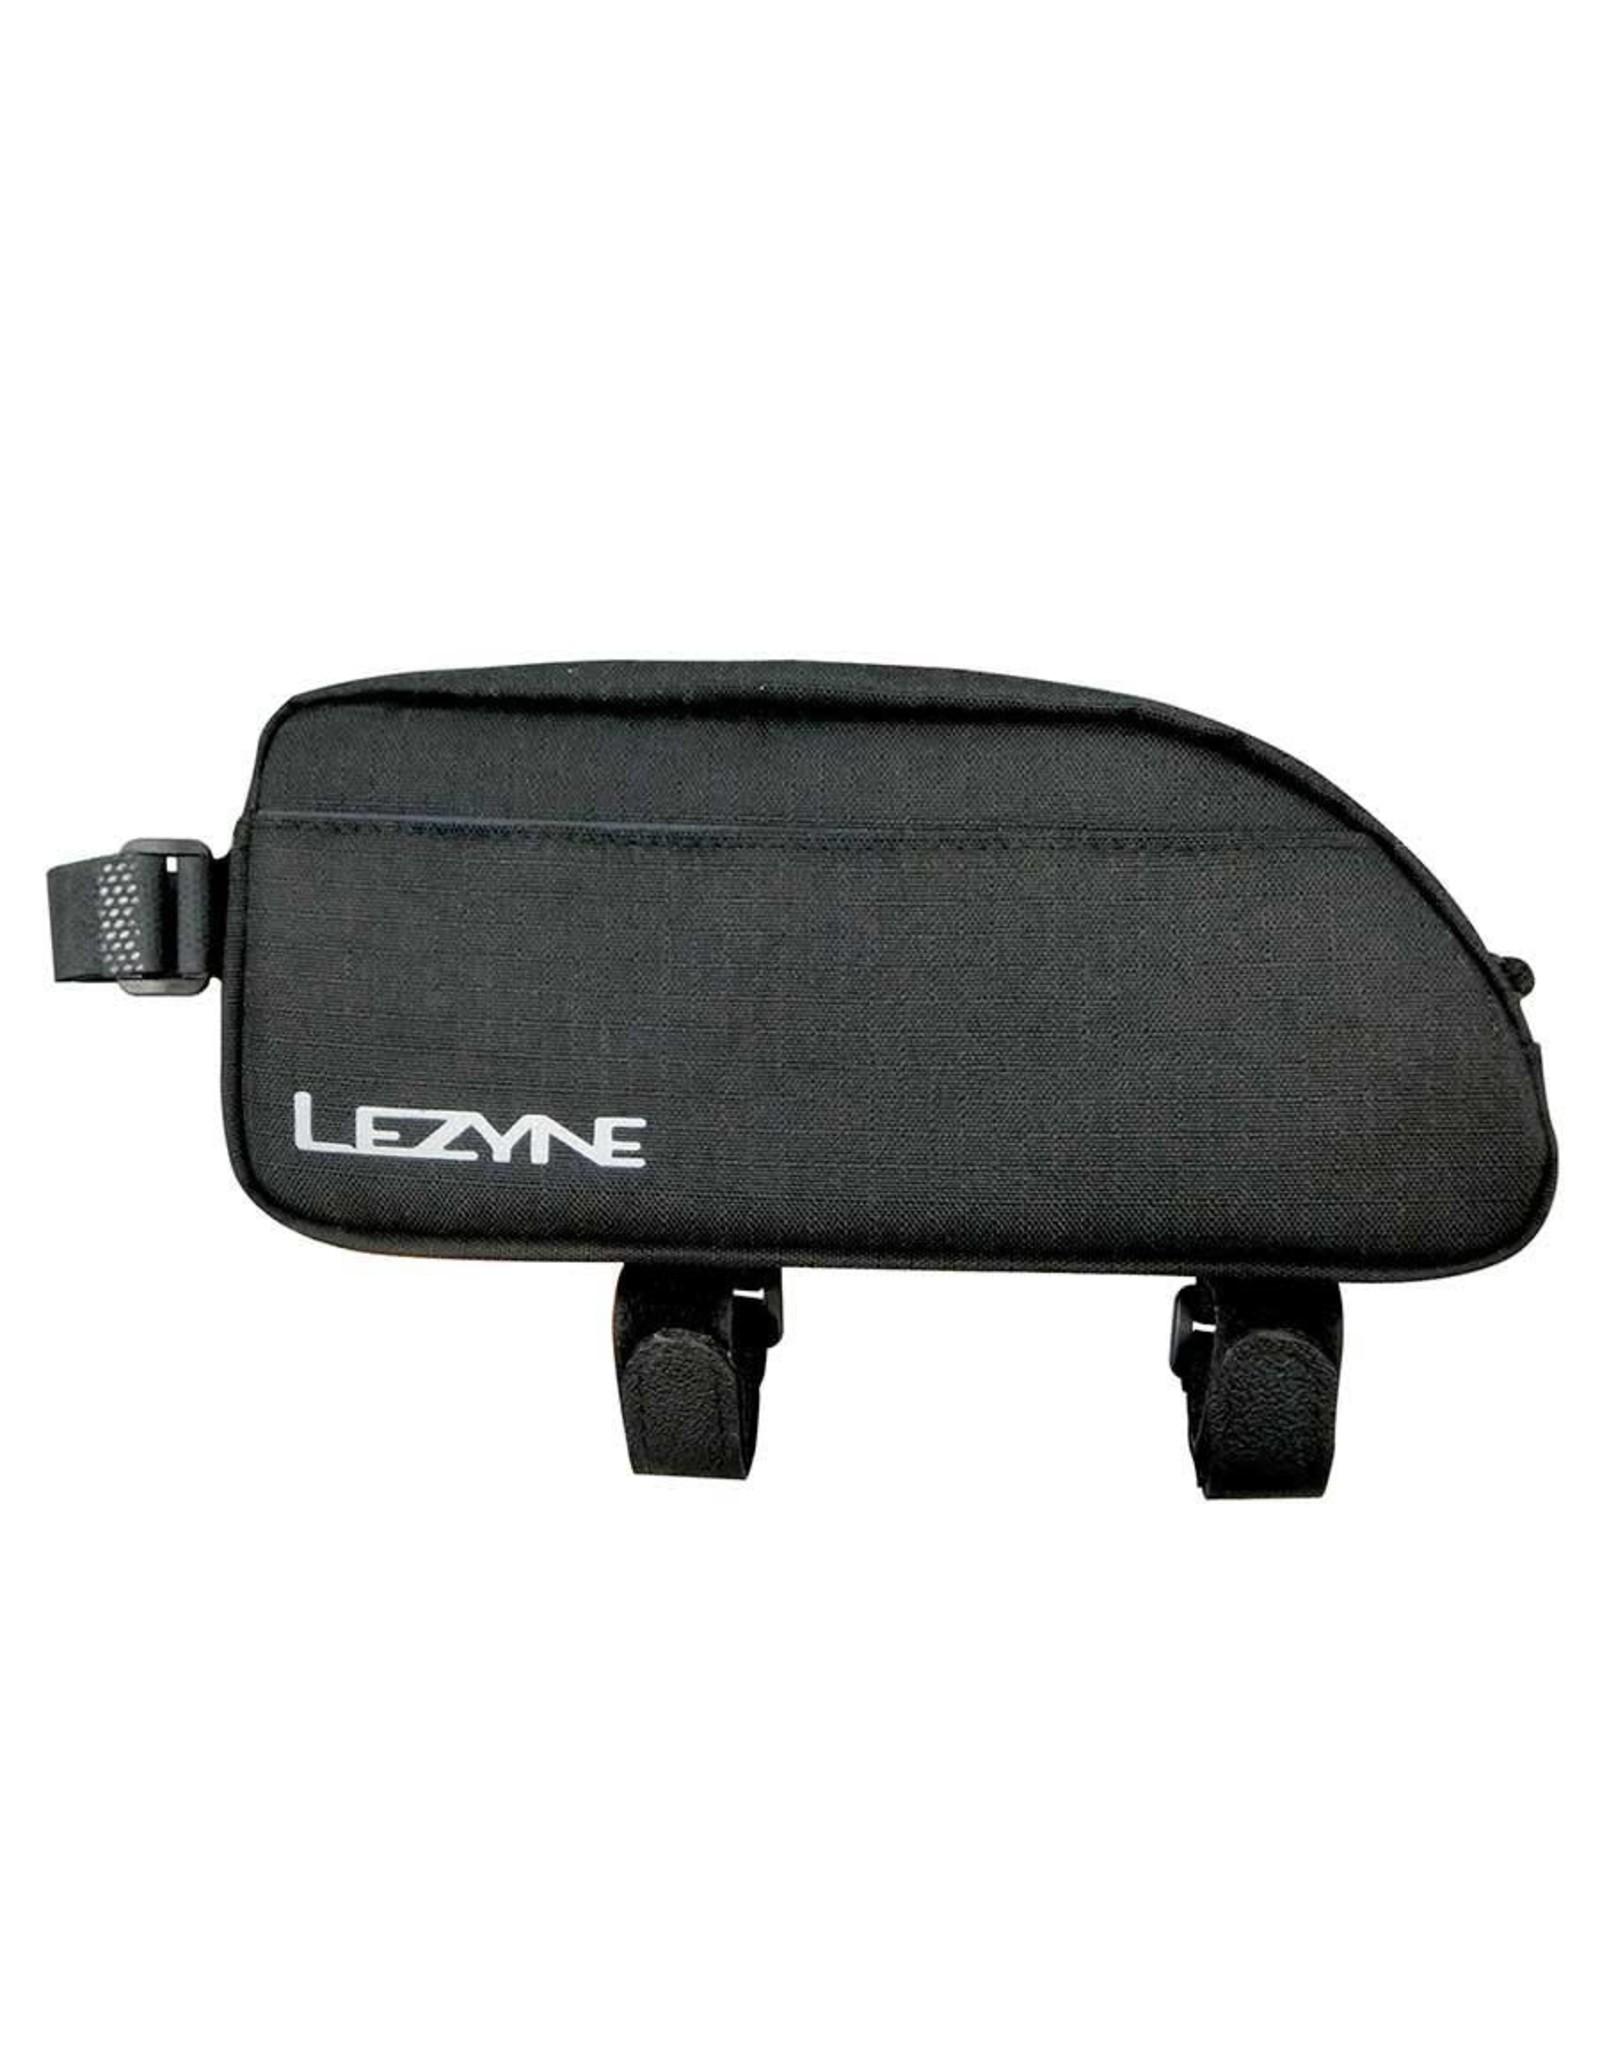 Lezyne Frame bag Lezyne Energy Caddy XL 0.8L